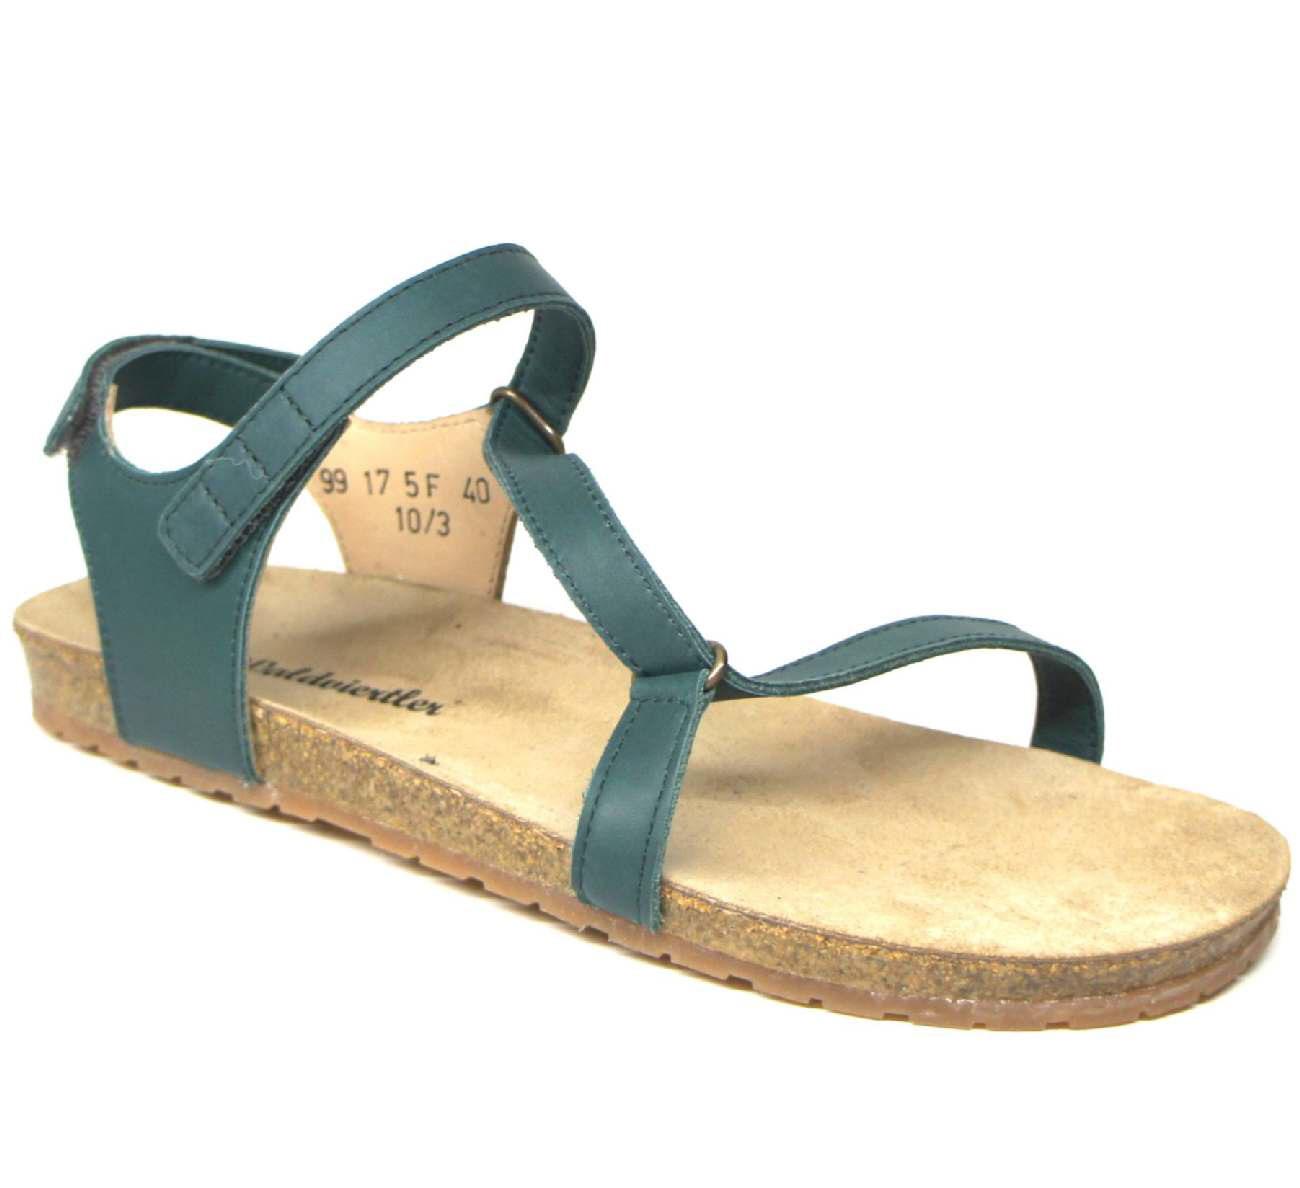 2 2 Schuhe Waldviertler Waldviertler Köstinger Seite Seite D9YeWIEHb2